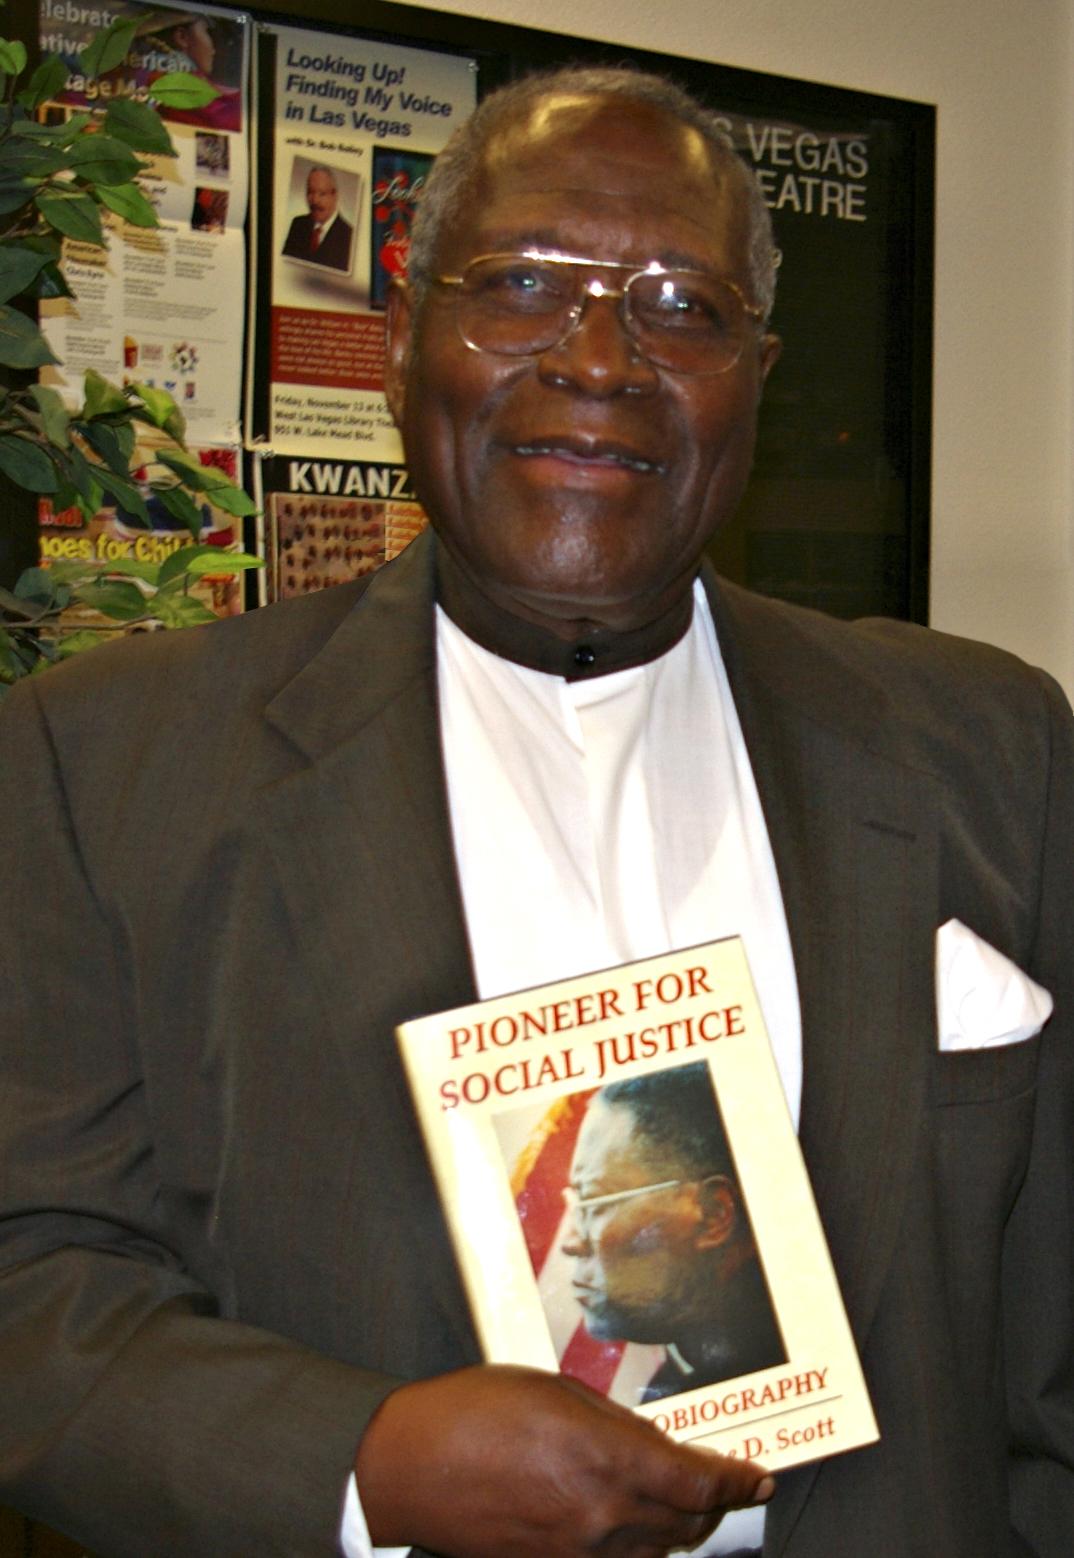 Rev. Jesse Scott